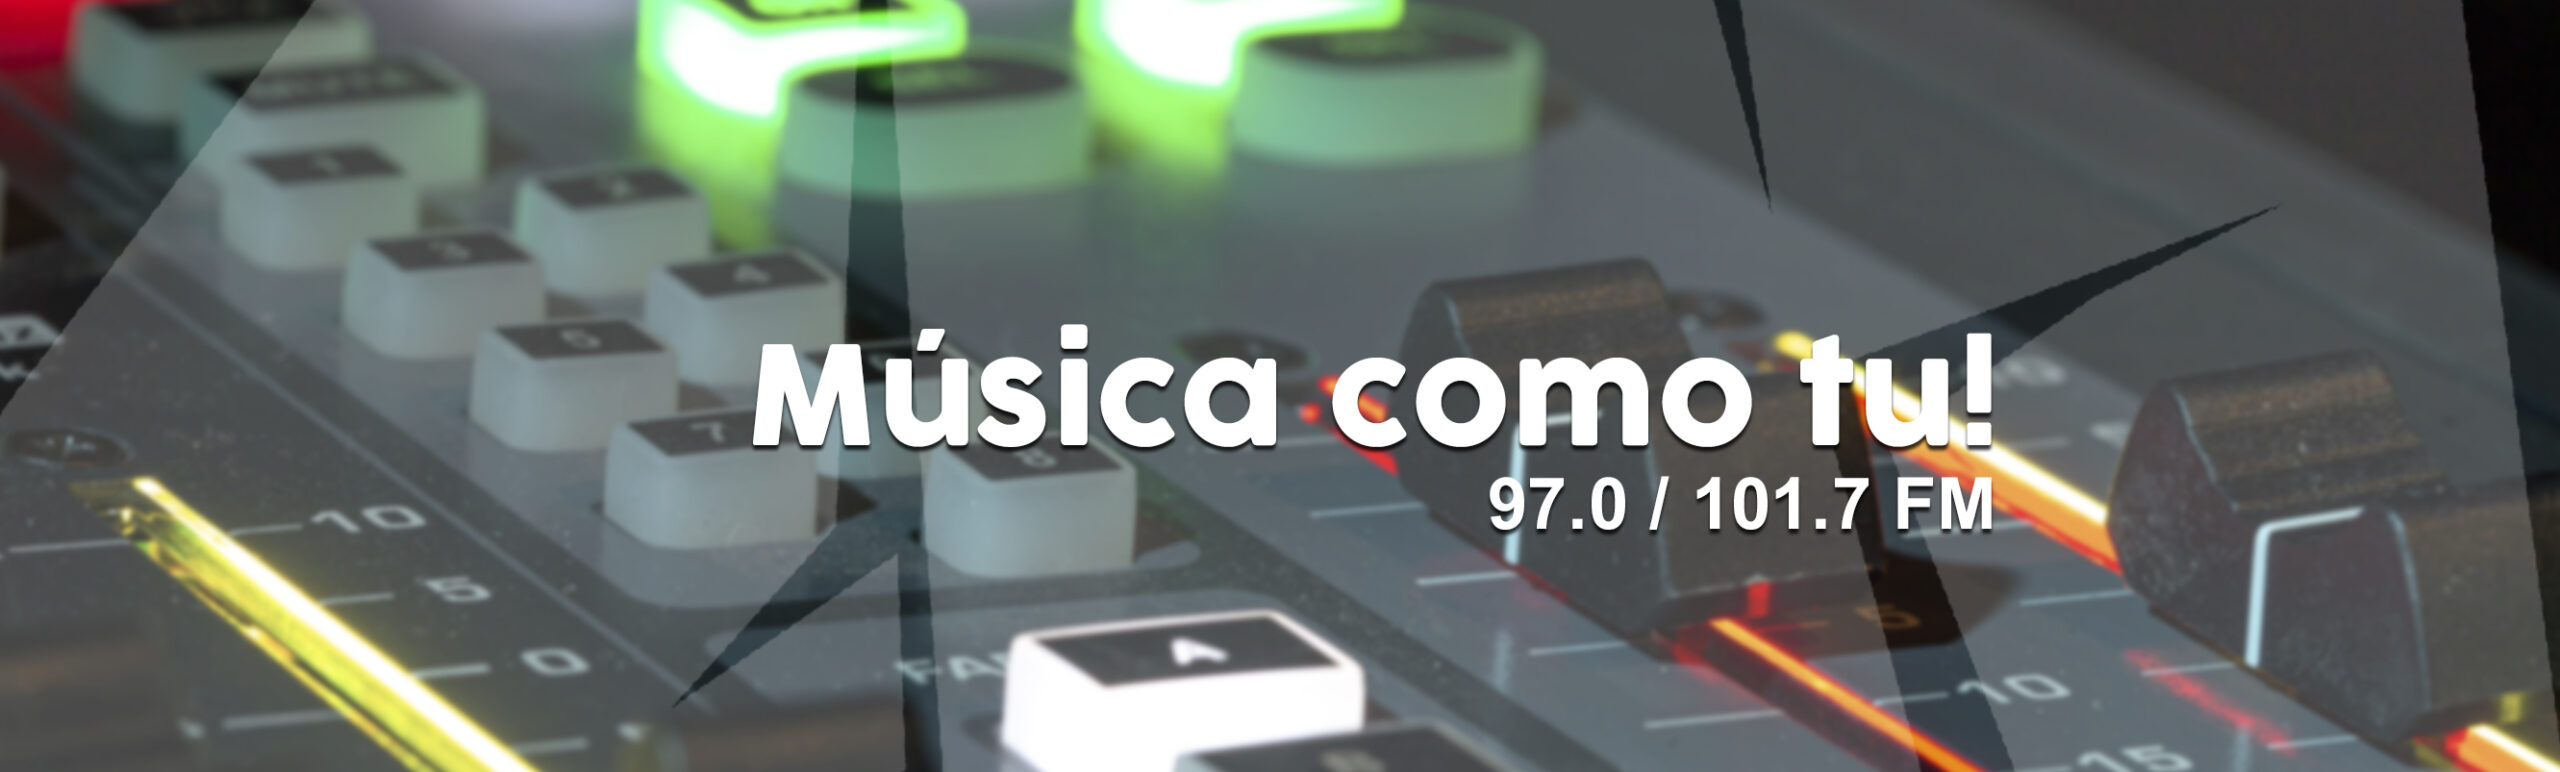 RAM-MUSICA-COMO-TU-scaled